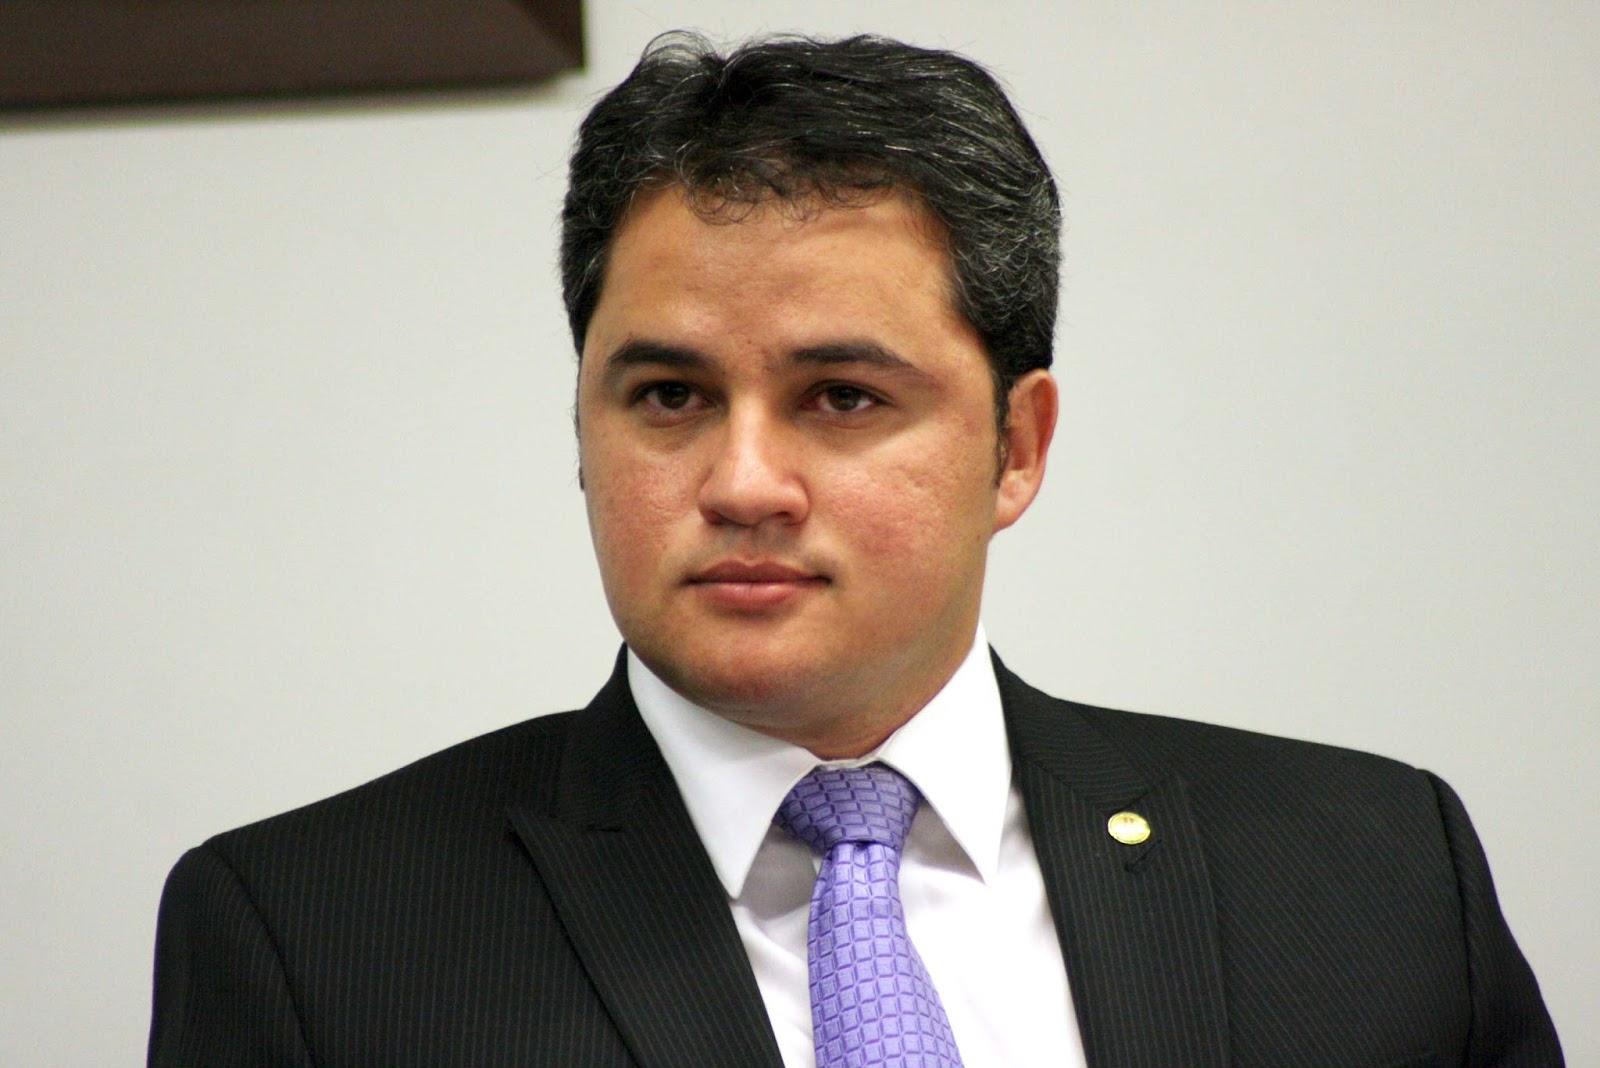 Efraim Filho e deputados do Nordeste se reúnem com Bolsonaro: 'Discutimos prioridades da região'